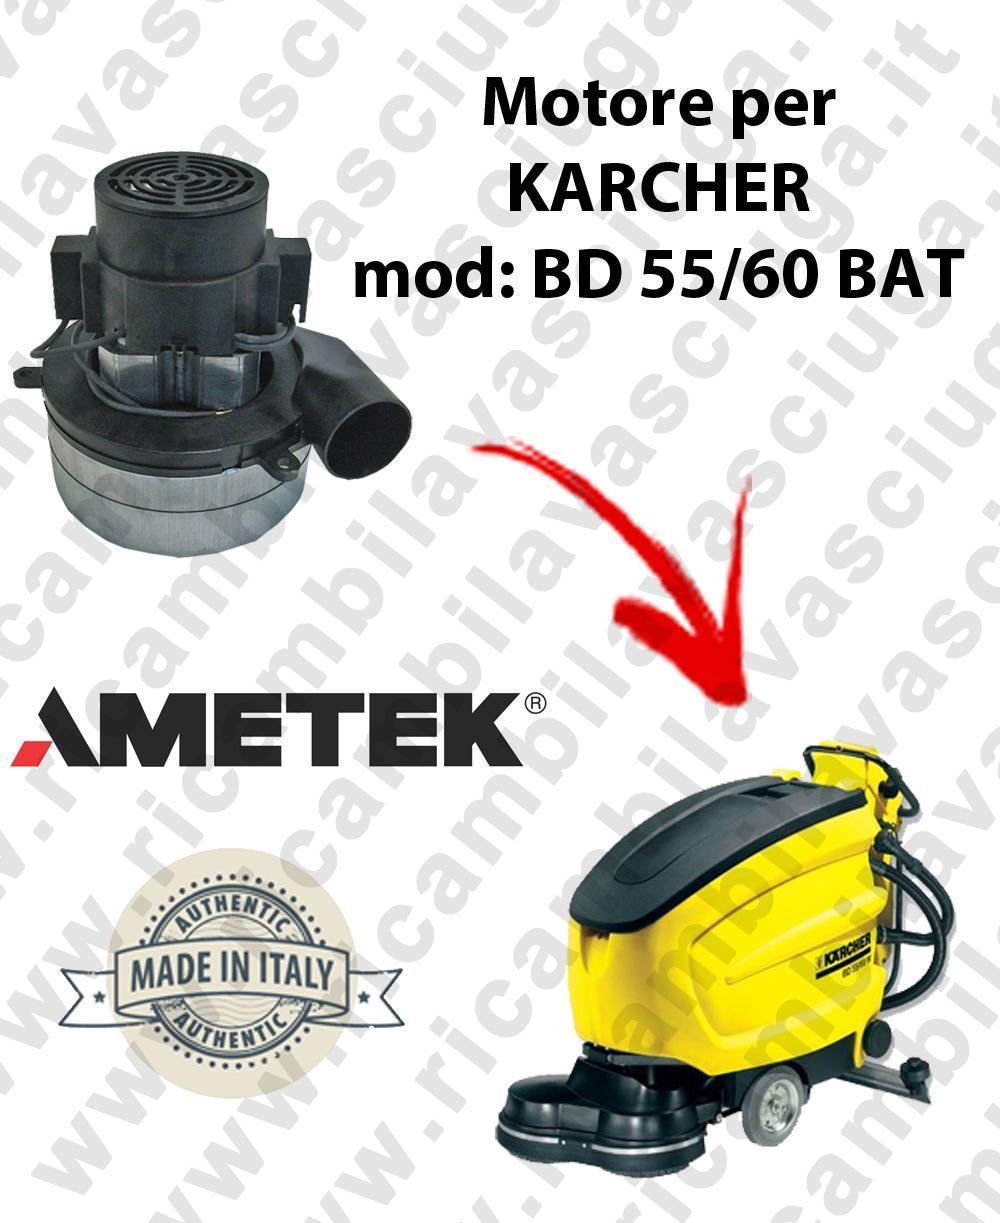 Karcher BD 55/60 BATT MOTORE AMETEK di aspirazione per lavapavimenti